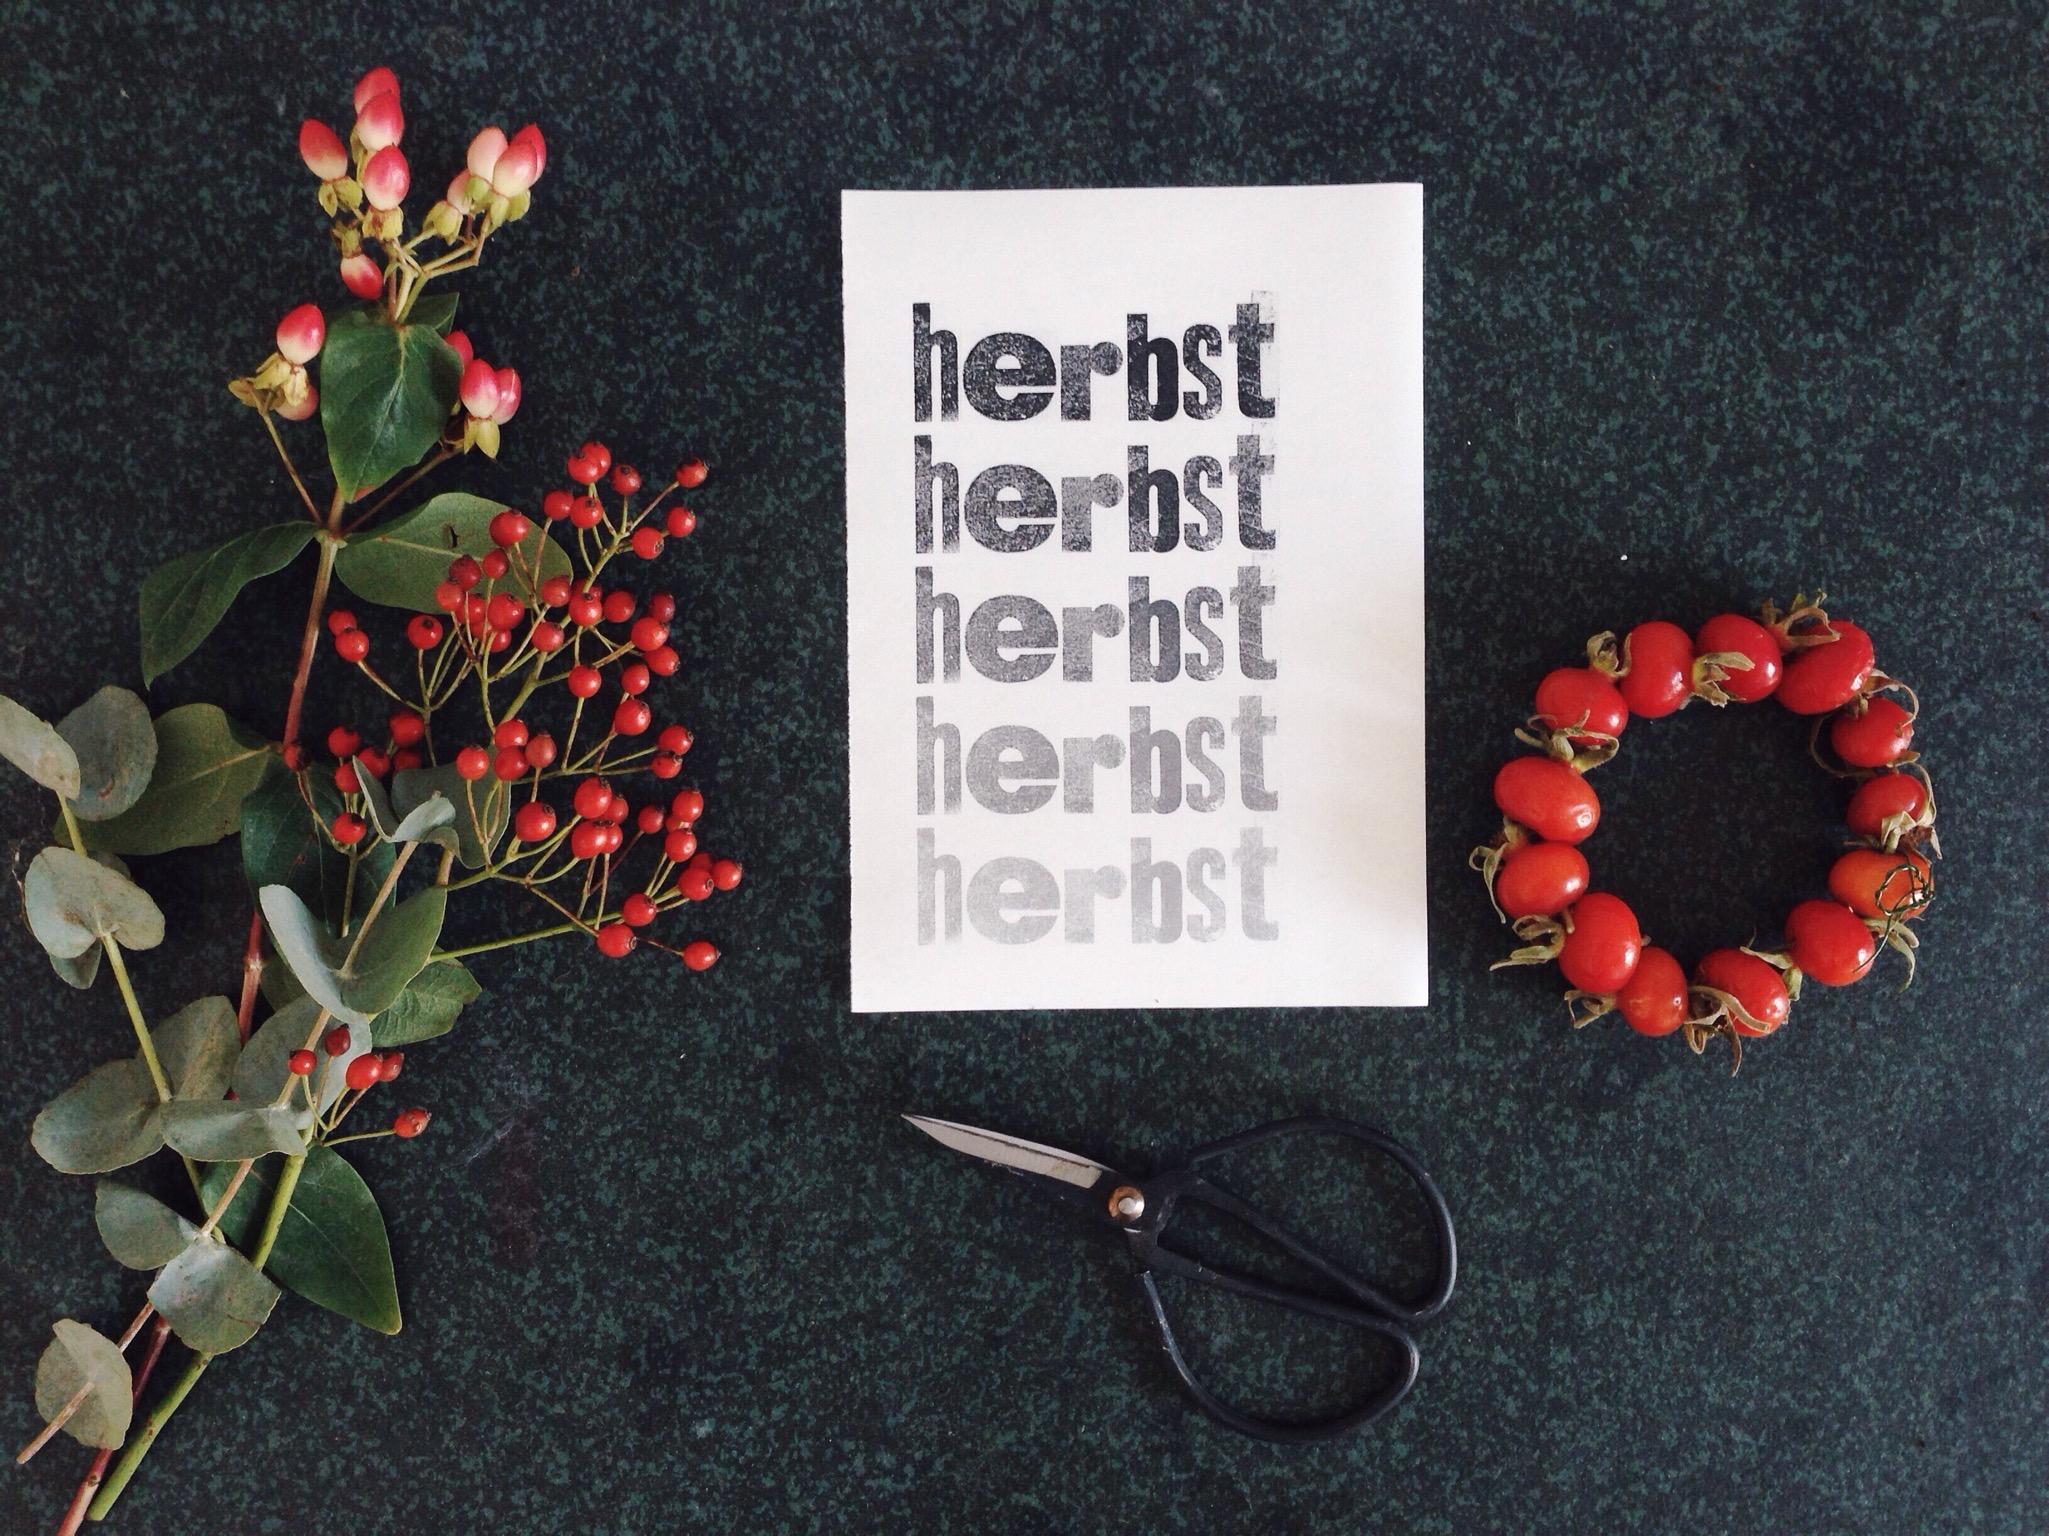 herbstkranz selber basteln beste herbstdeko diy ideen, friday flowerday - herbstkranz | paulsvera, Design ideen